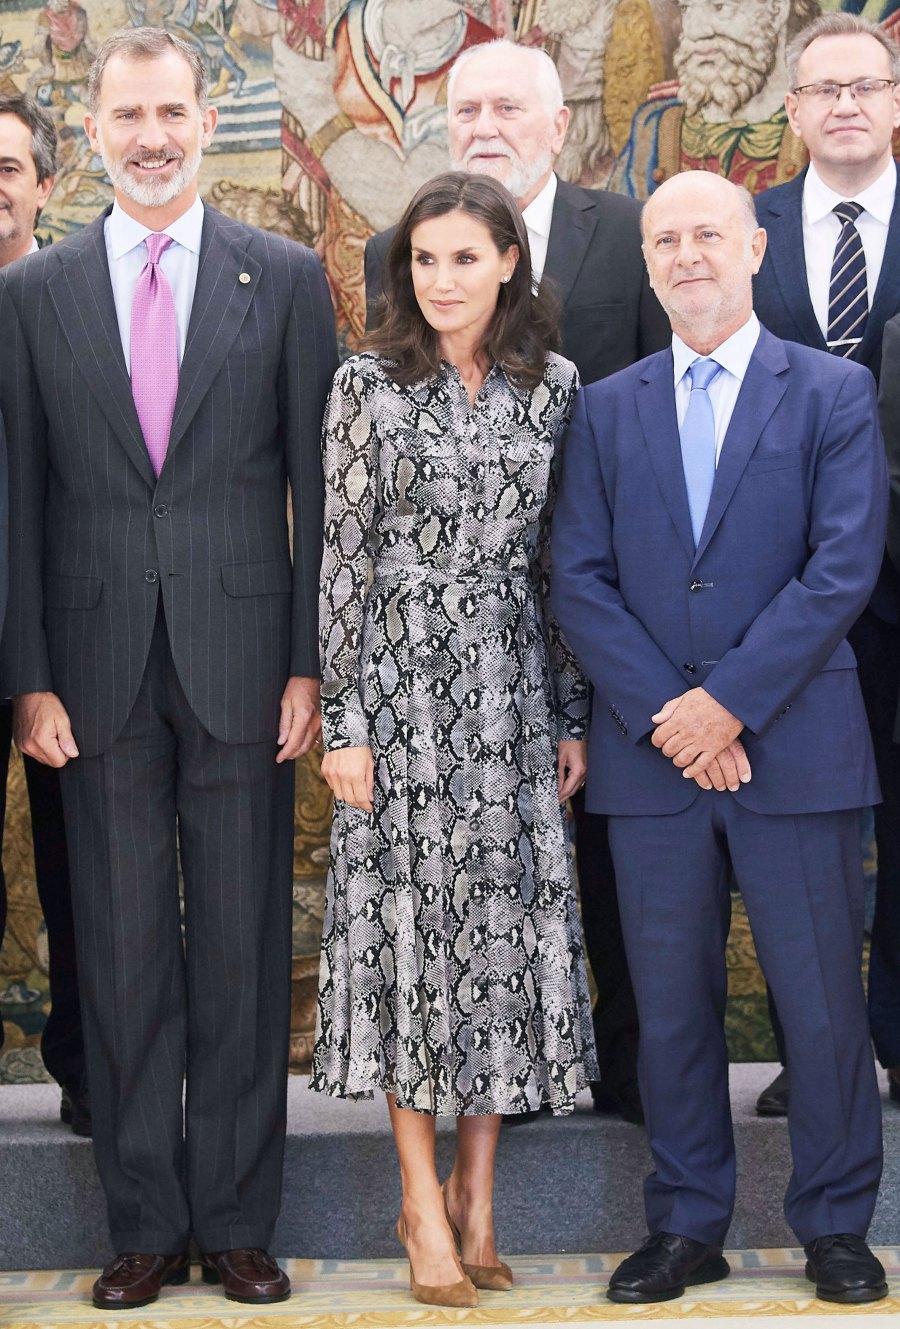 Queen Letizia Snakeskin Look October 8, 2019